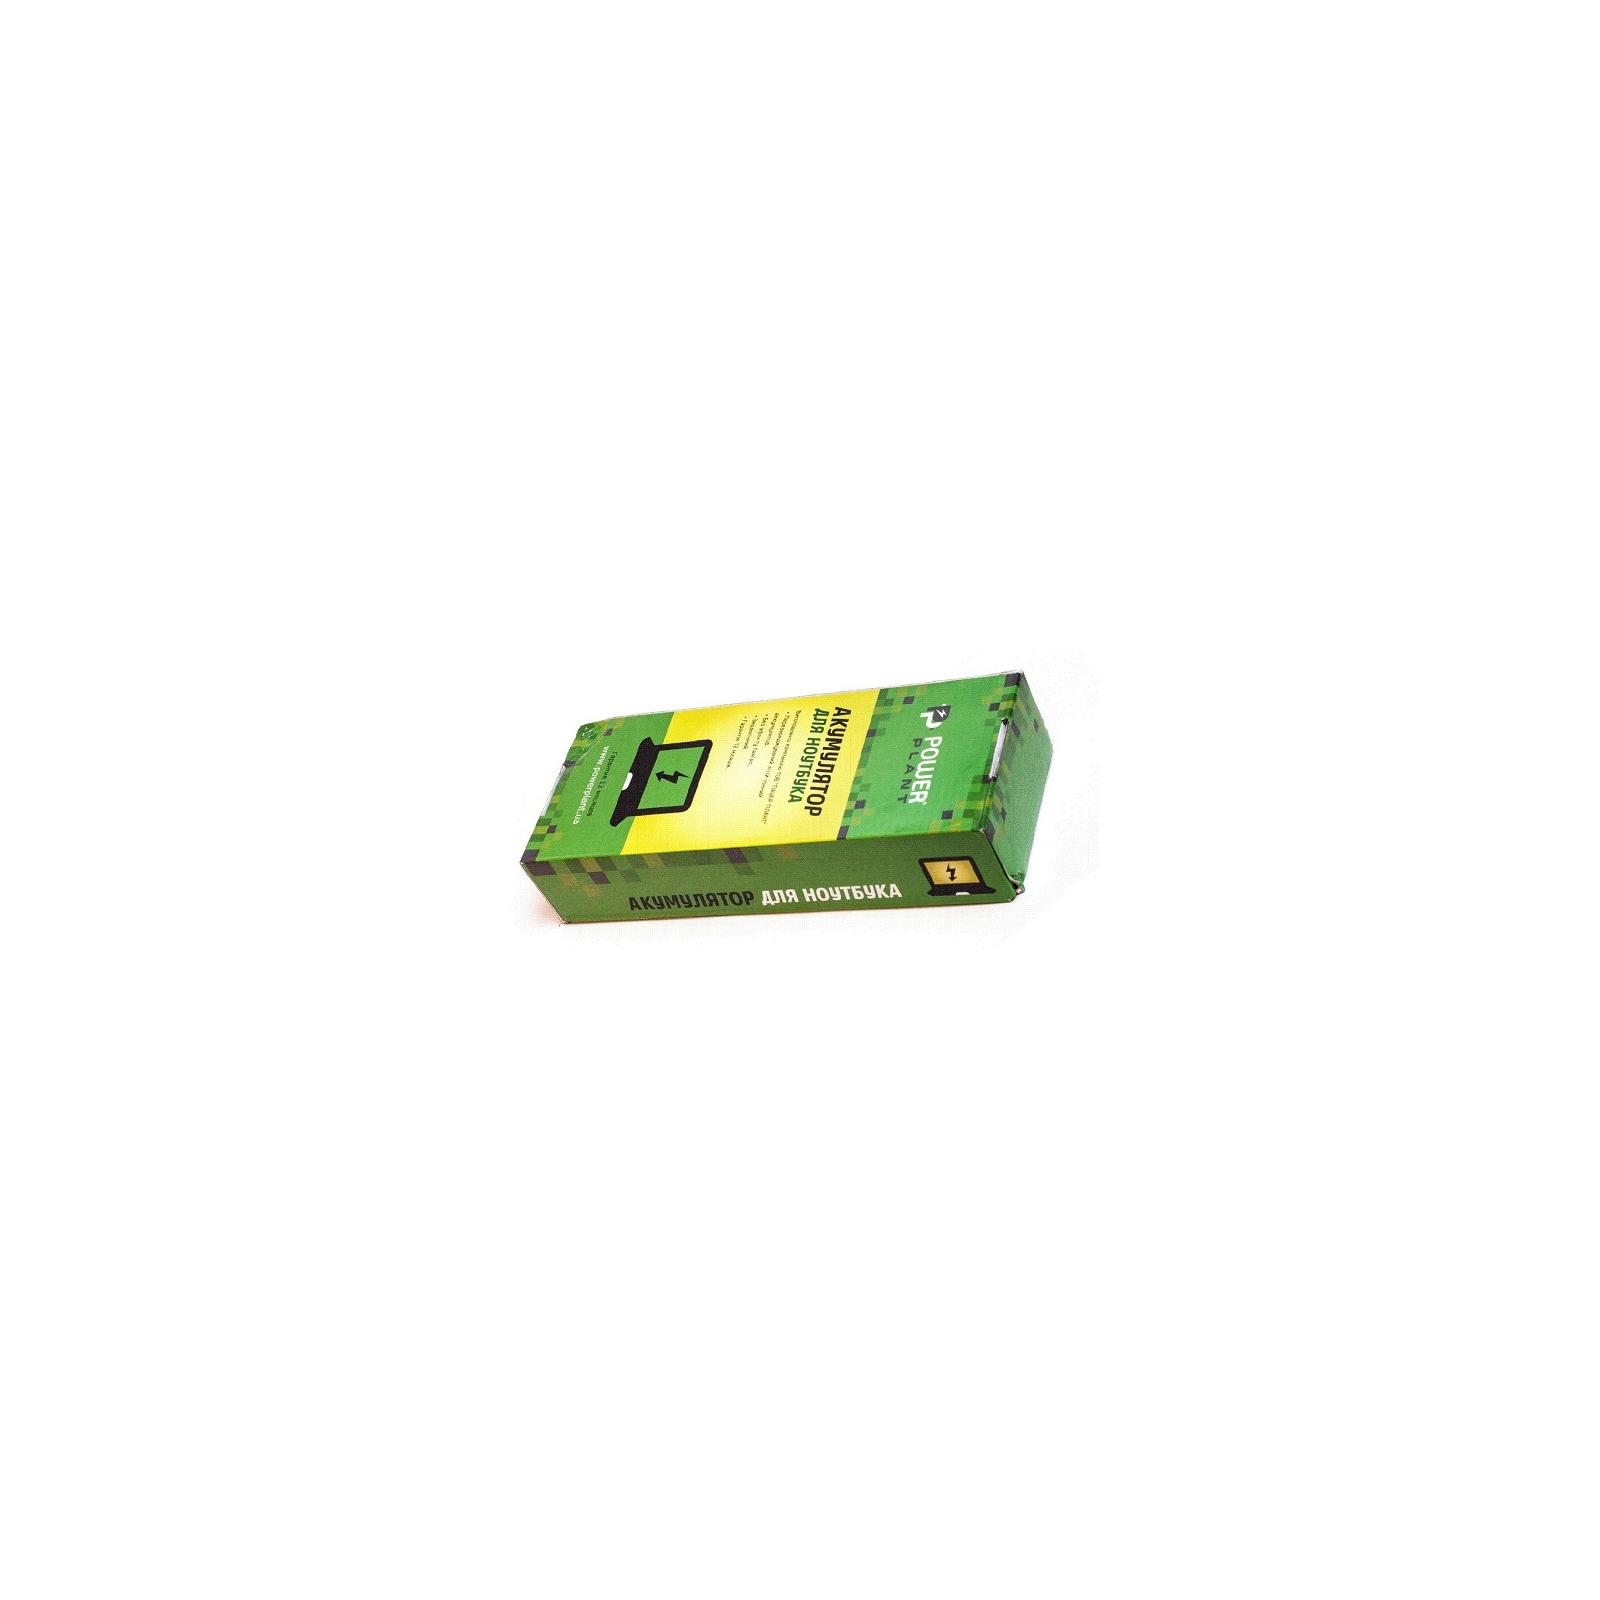 Аккумулятор для ноутбука SAMSUNG Q318 (AA-PB9NC6B, SG3180LH) 11.1V, 5200mAh PowerPlant (NB00000059) изображение 3